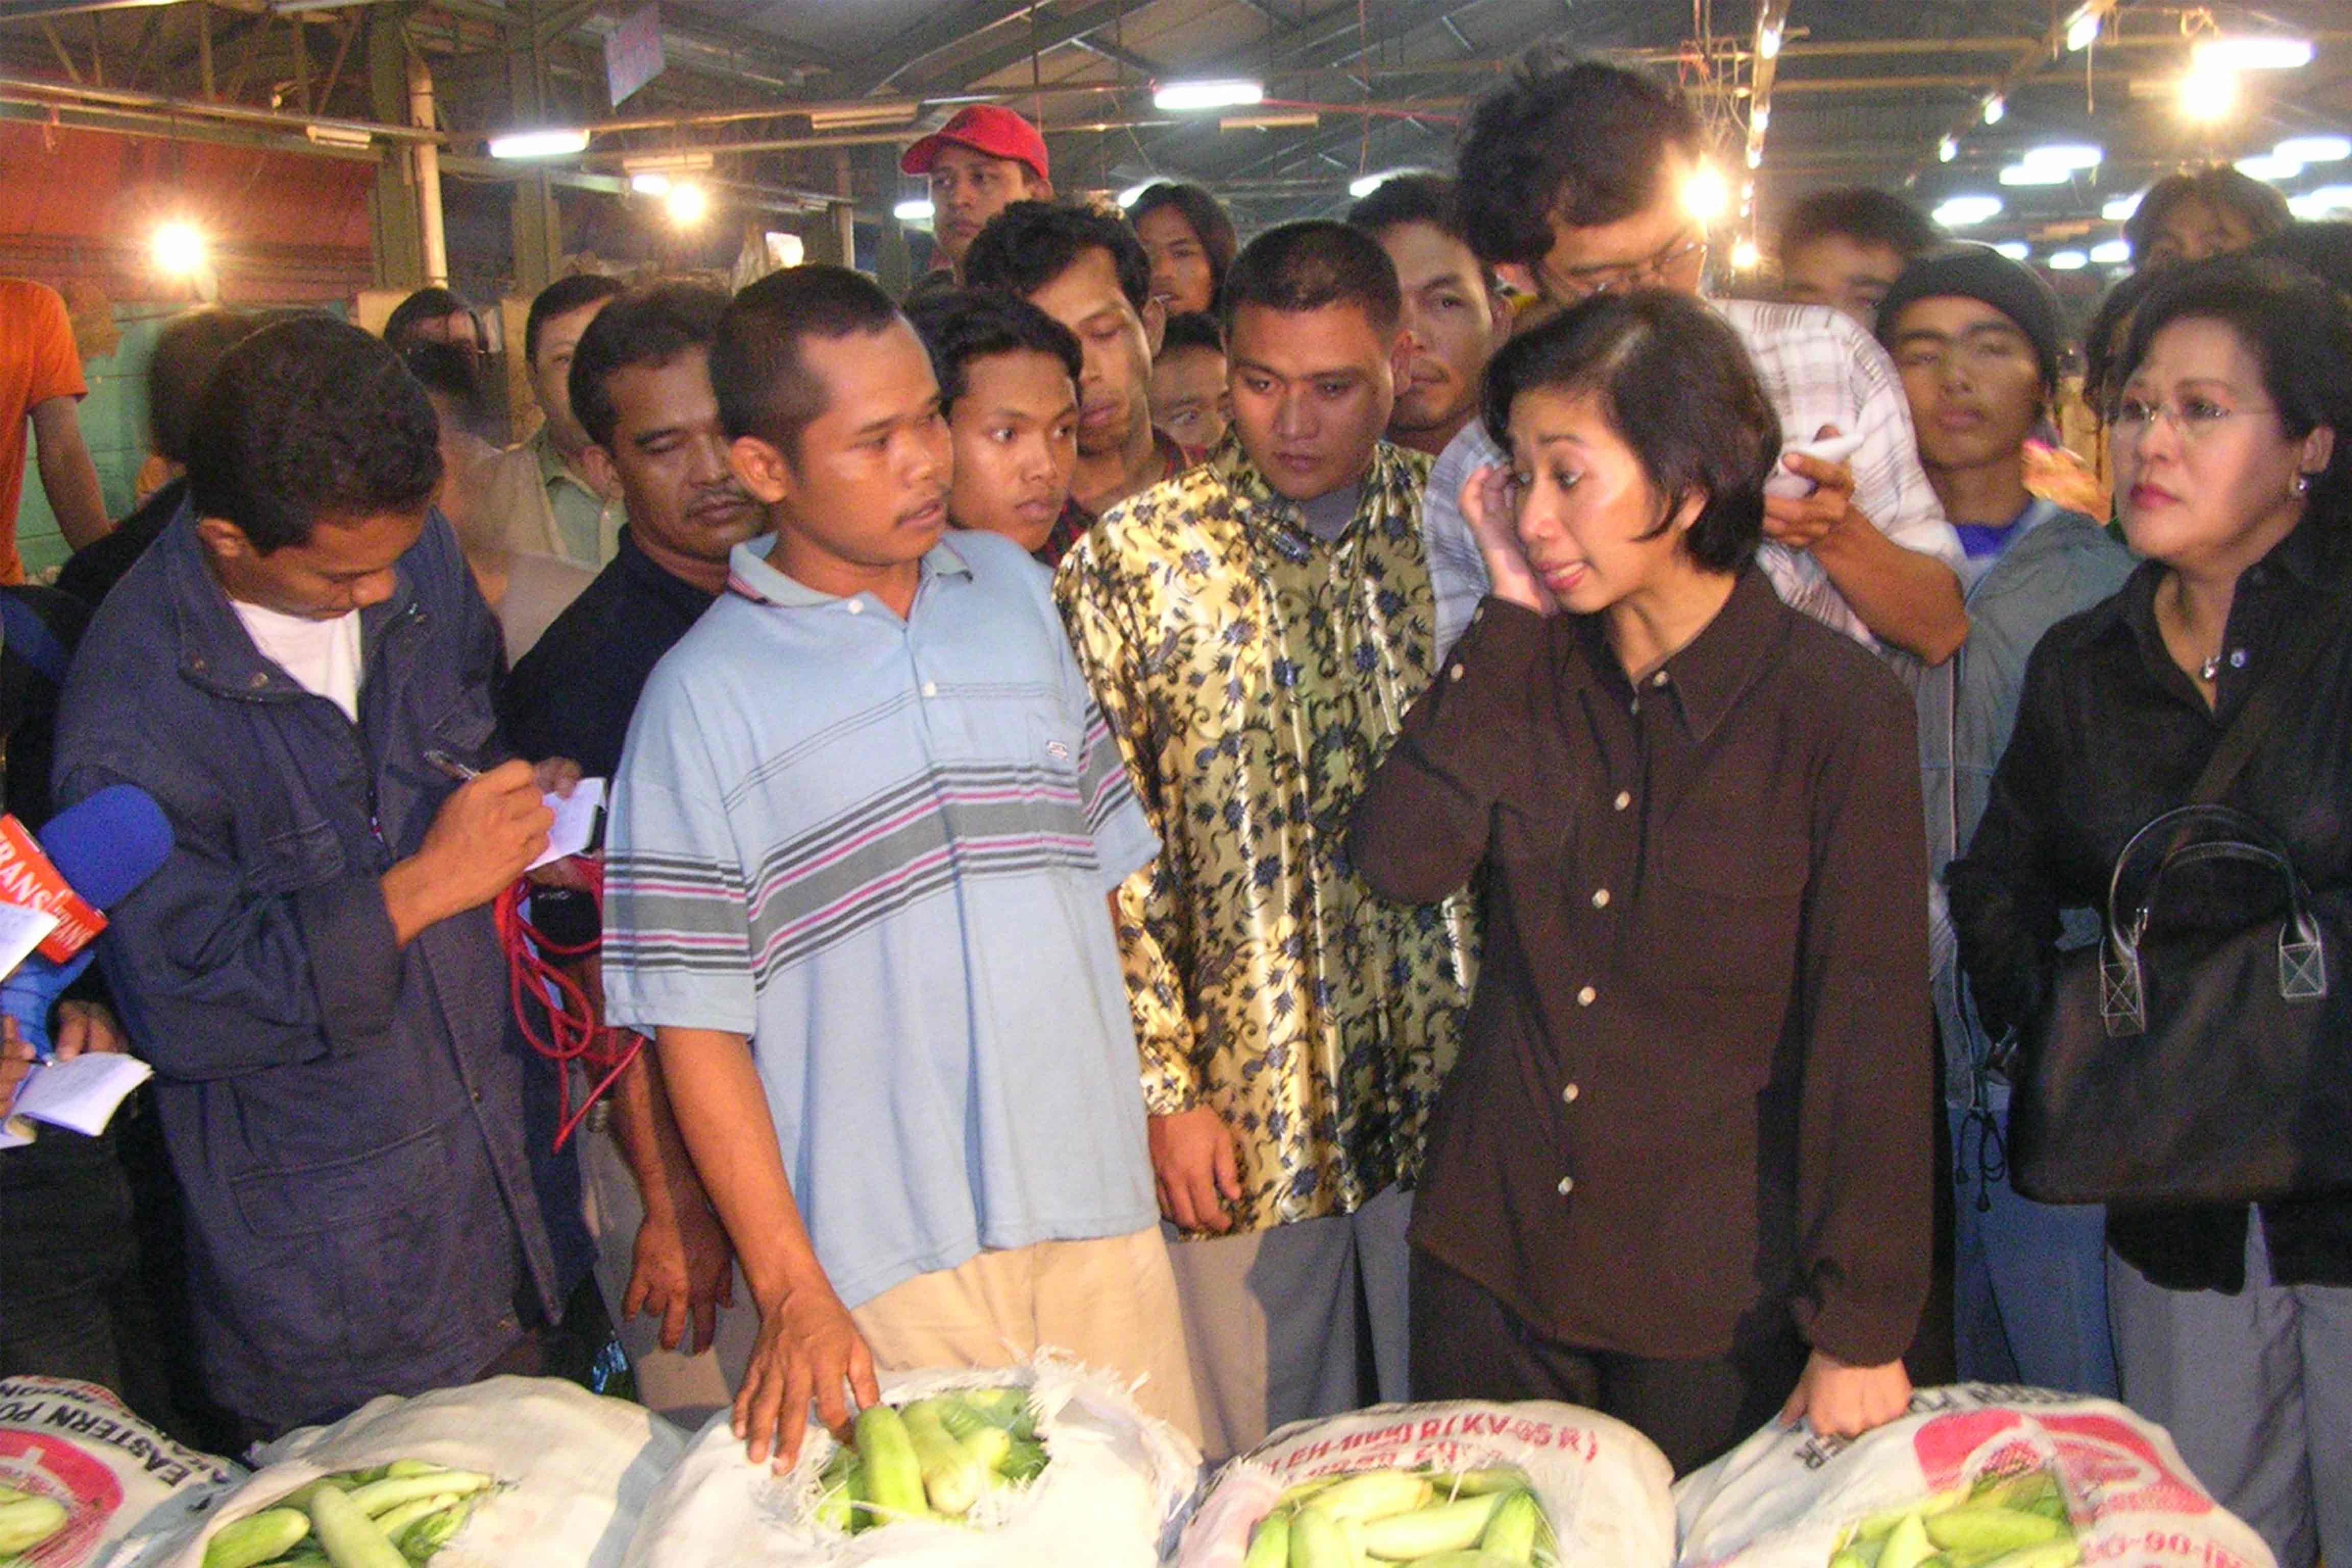 Kunjungan Pejabat Negara, Menteri Perdagangan Rini Soemarno di Pasar Induk Tanah Tinggi, Pada Tahun 2003